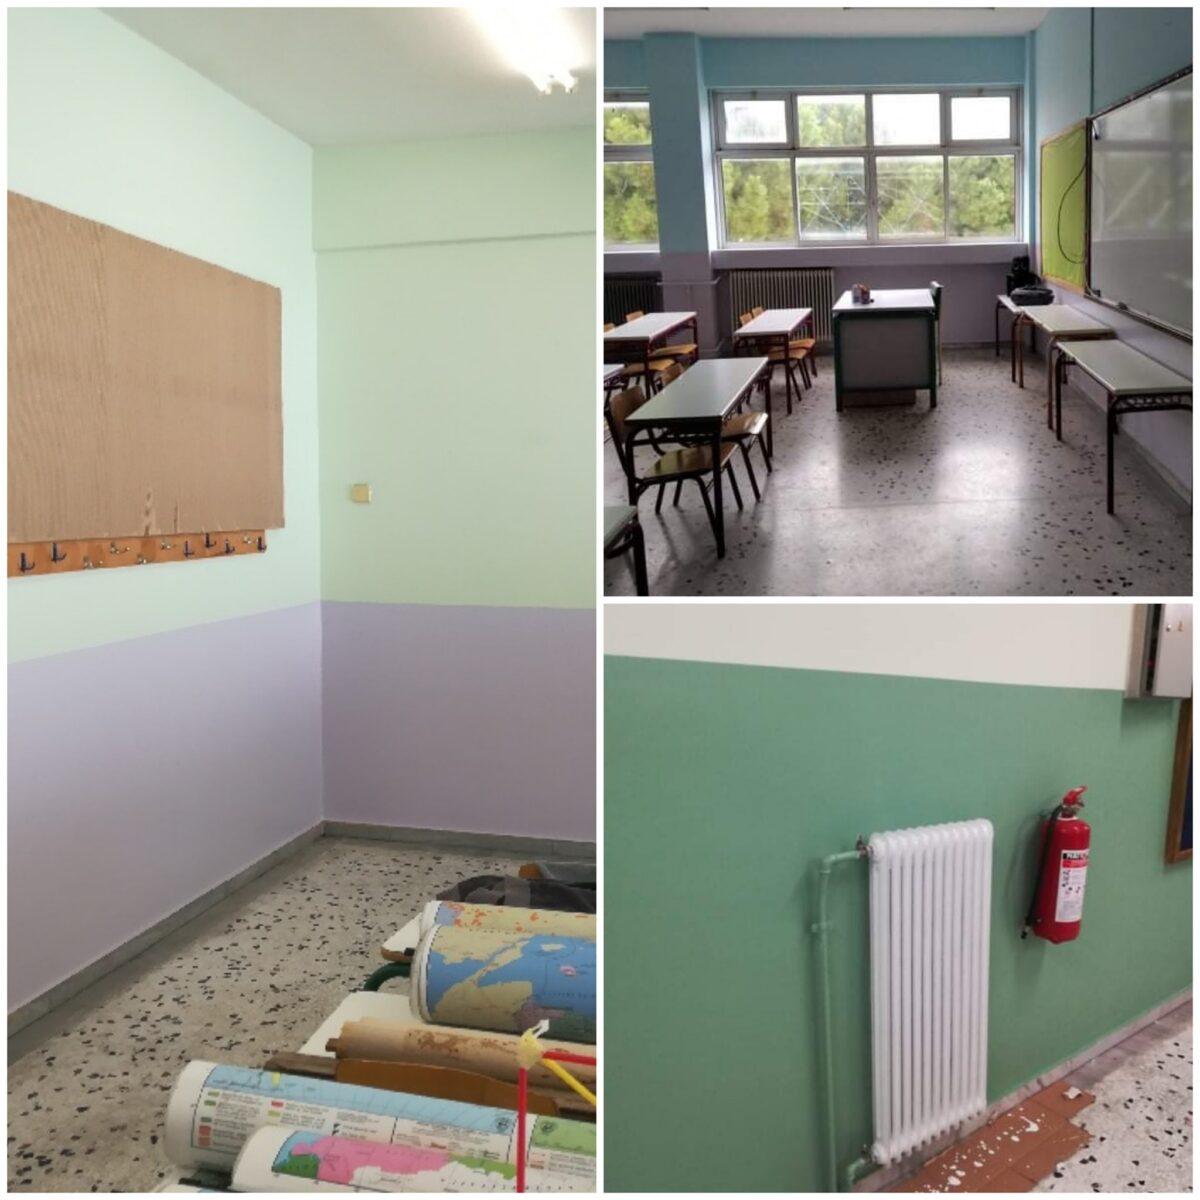 Όσο τα σχολεία ήταν κλειστά τα σχολικά κτίρια του Αλίμου ανανεώθηκαν και αναβαθμίστηκαν για να υποδεχτούν τα παιδιά!